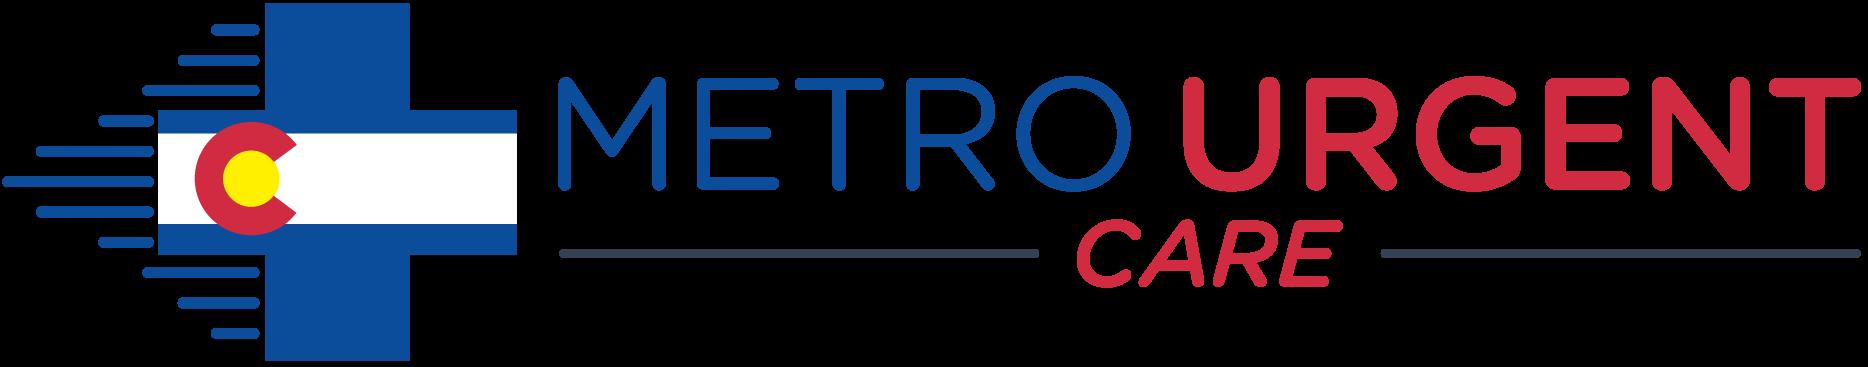 Metro Urgent Care - 144th Logo